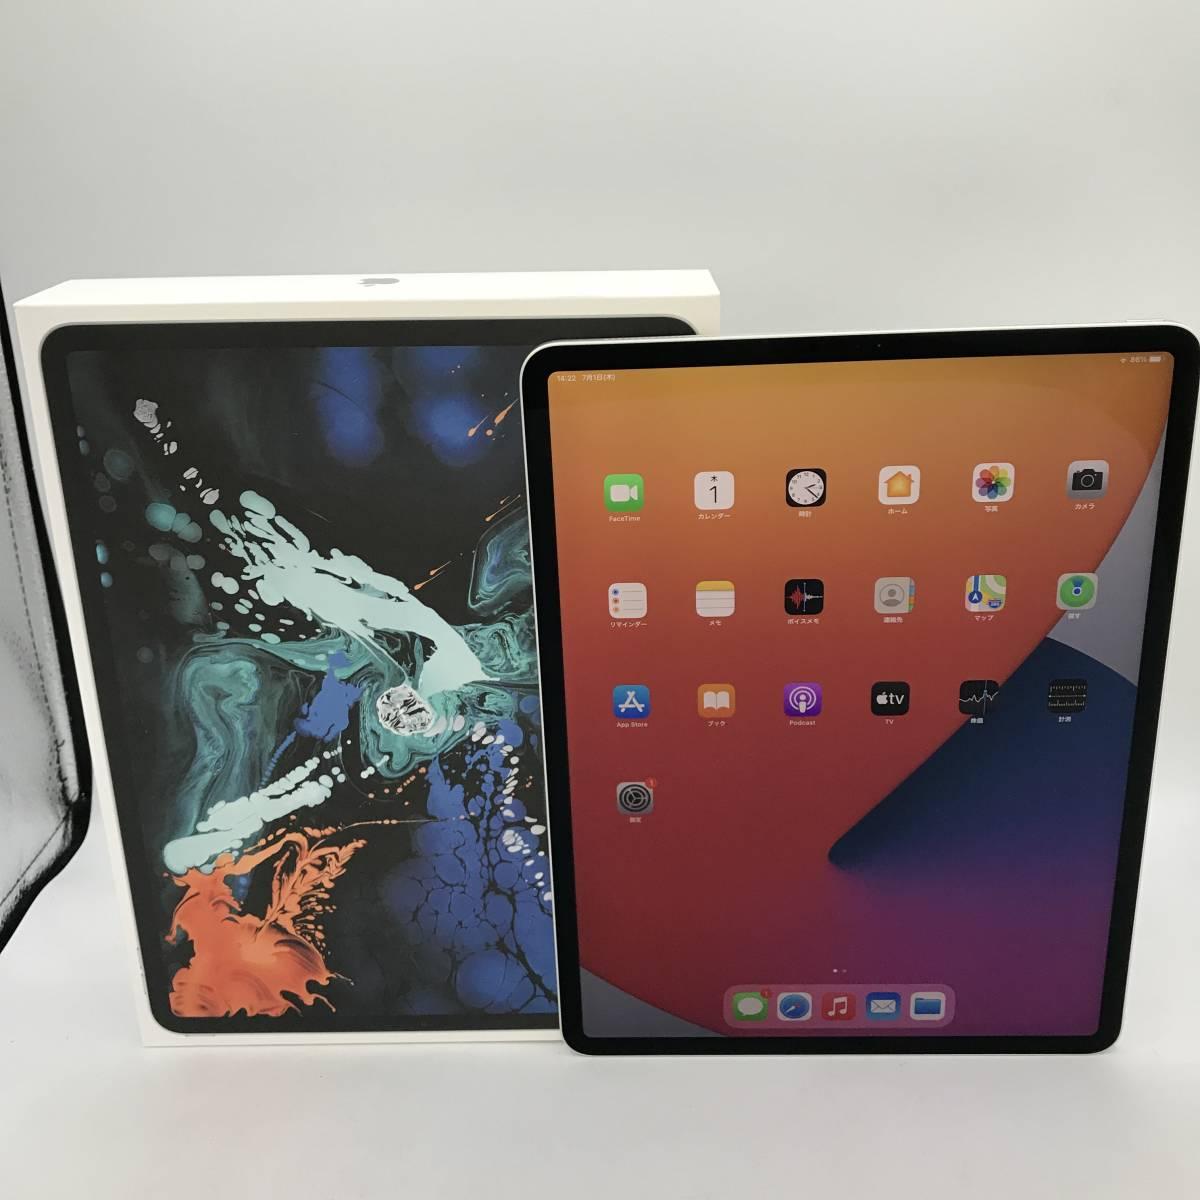 【957466】Apple iPad Pro 第3世代 12.9インチ シルバー WiFi 64GB A1876 MTEM2J/A 通電確認 IMEI無し 付属品あり 目立った傷や汚れなし